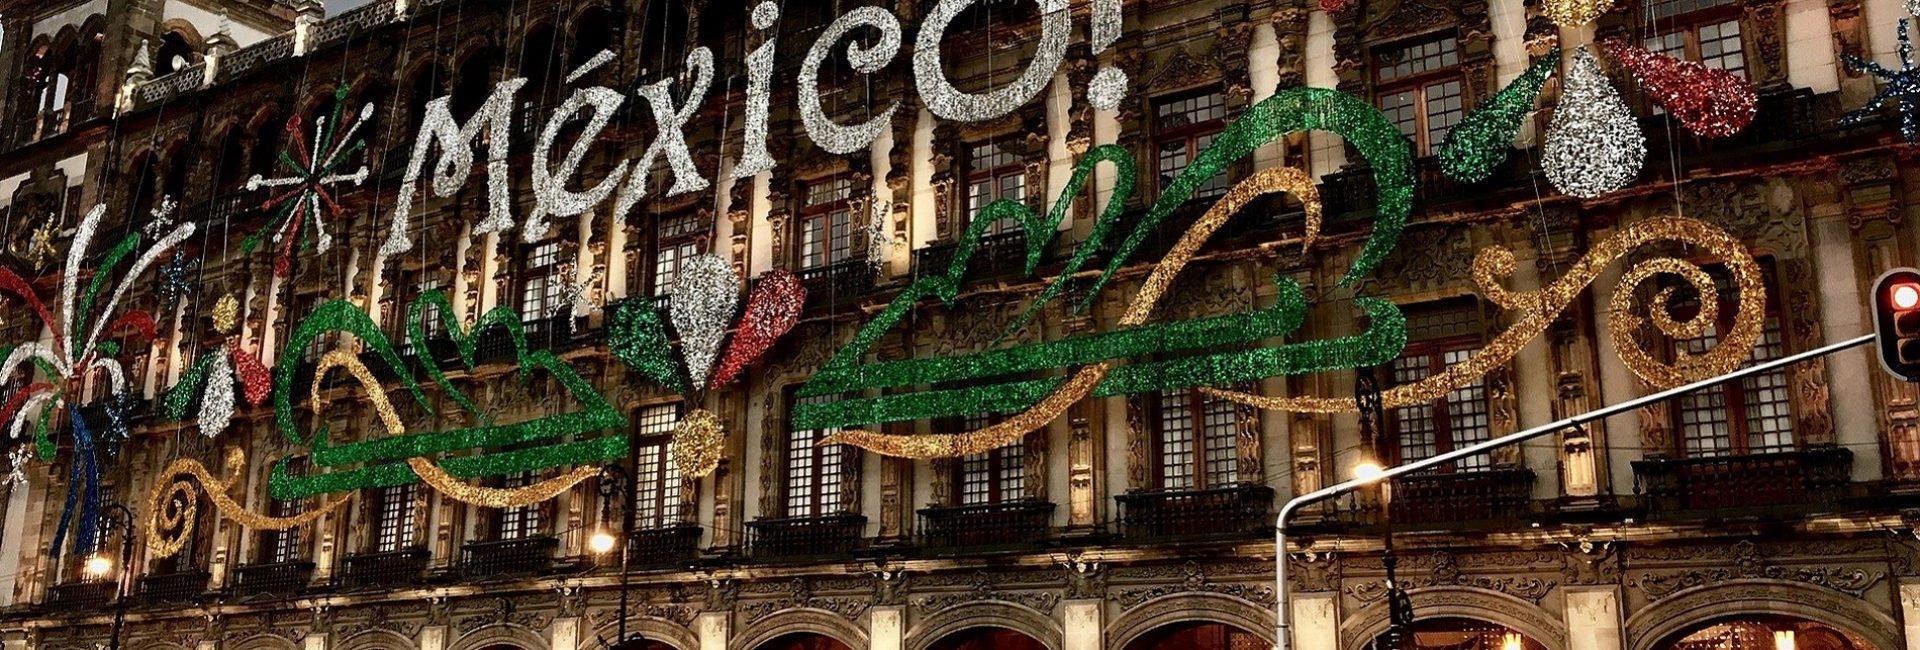 Posjetite Mesiko, mjesto ludih fiesta.